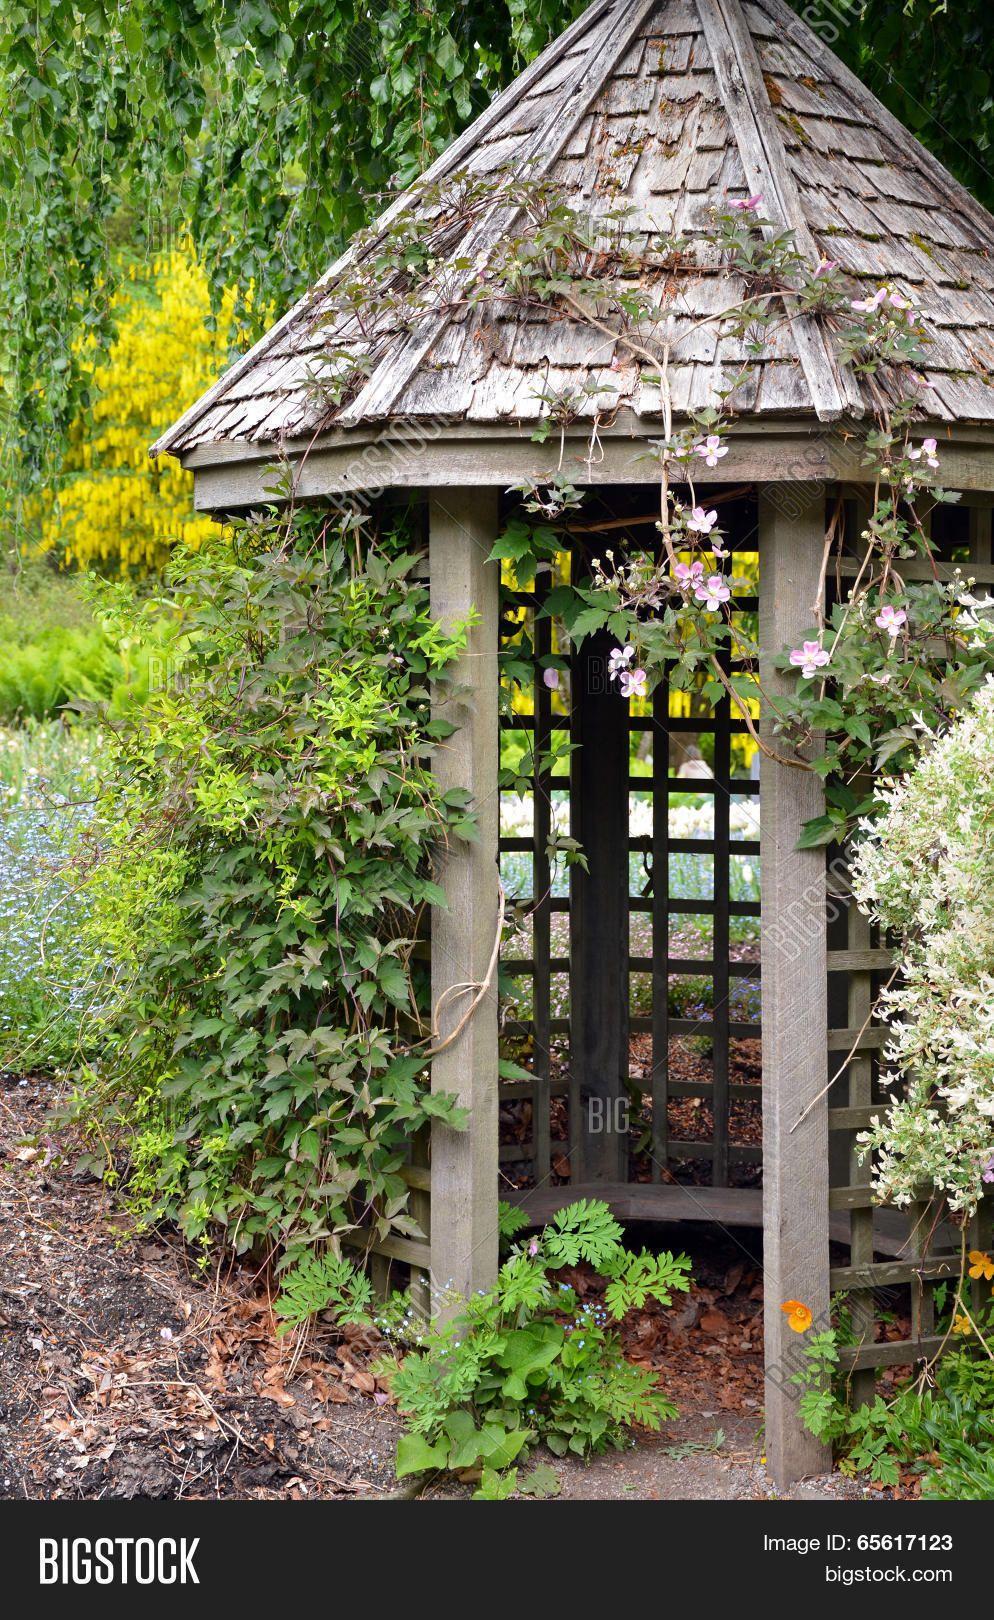 Old Wooden Garden Gazebo Wooden Garden Gazebo Garden Gazebo